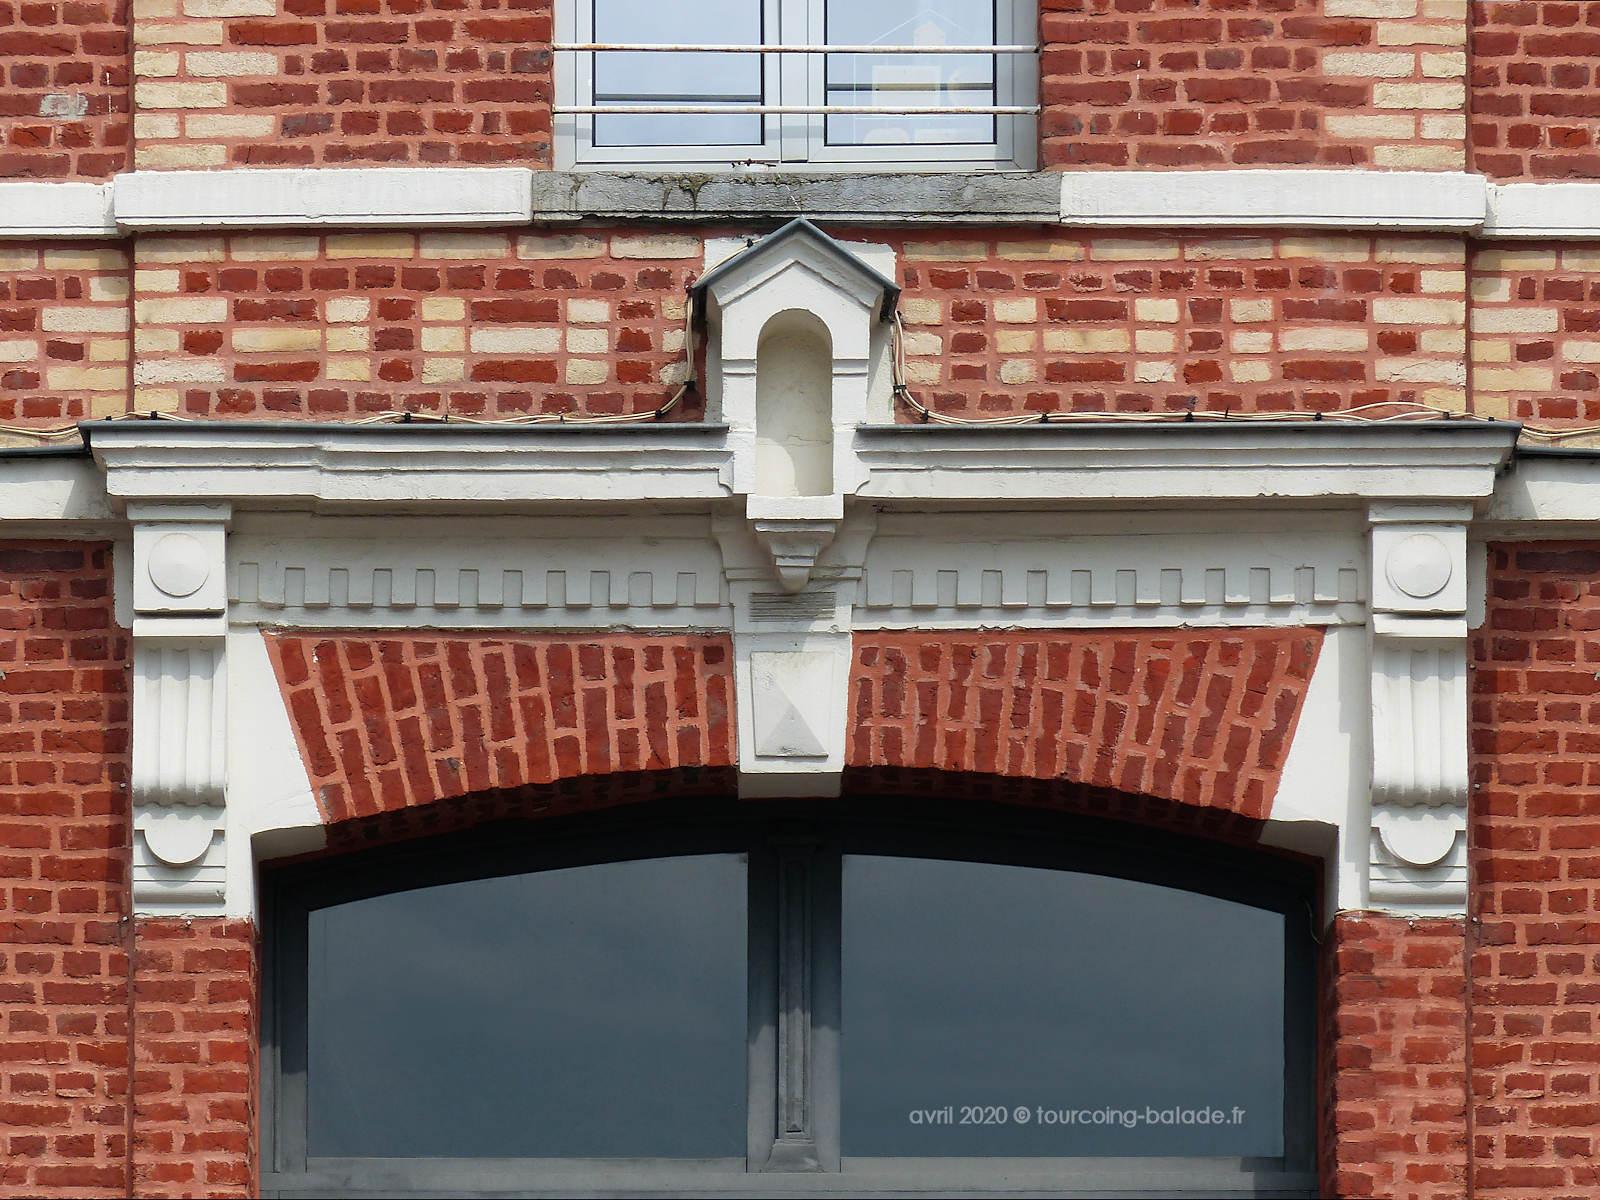 Niche Tourcoing, Rue de Lille, 2020